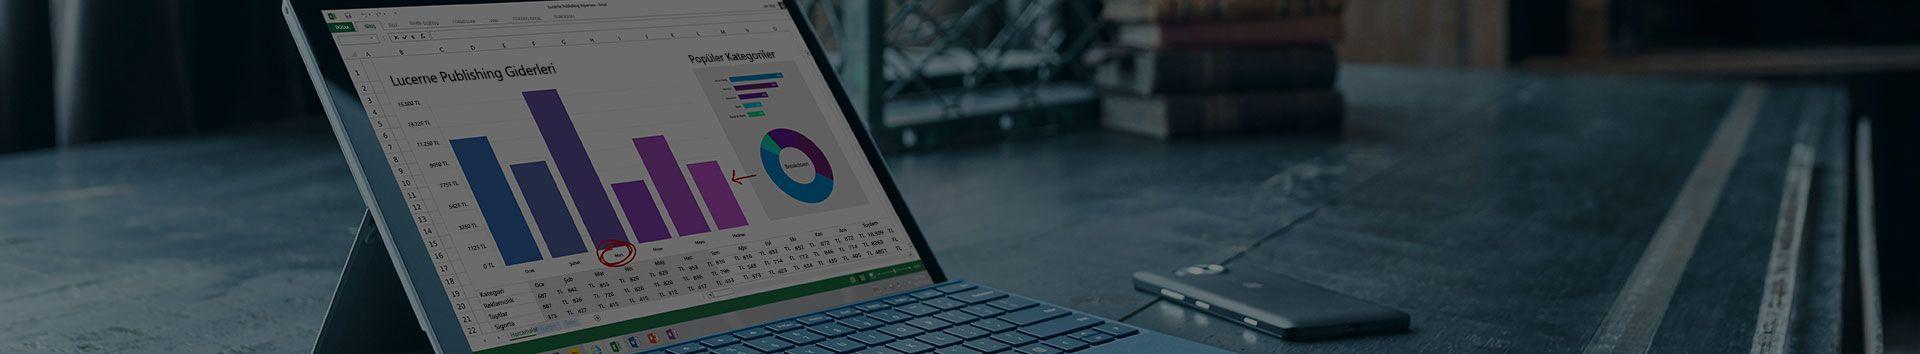 Microsoft Excel'de bir gider raporunun görüntülendiği Microsoft Surface tablet